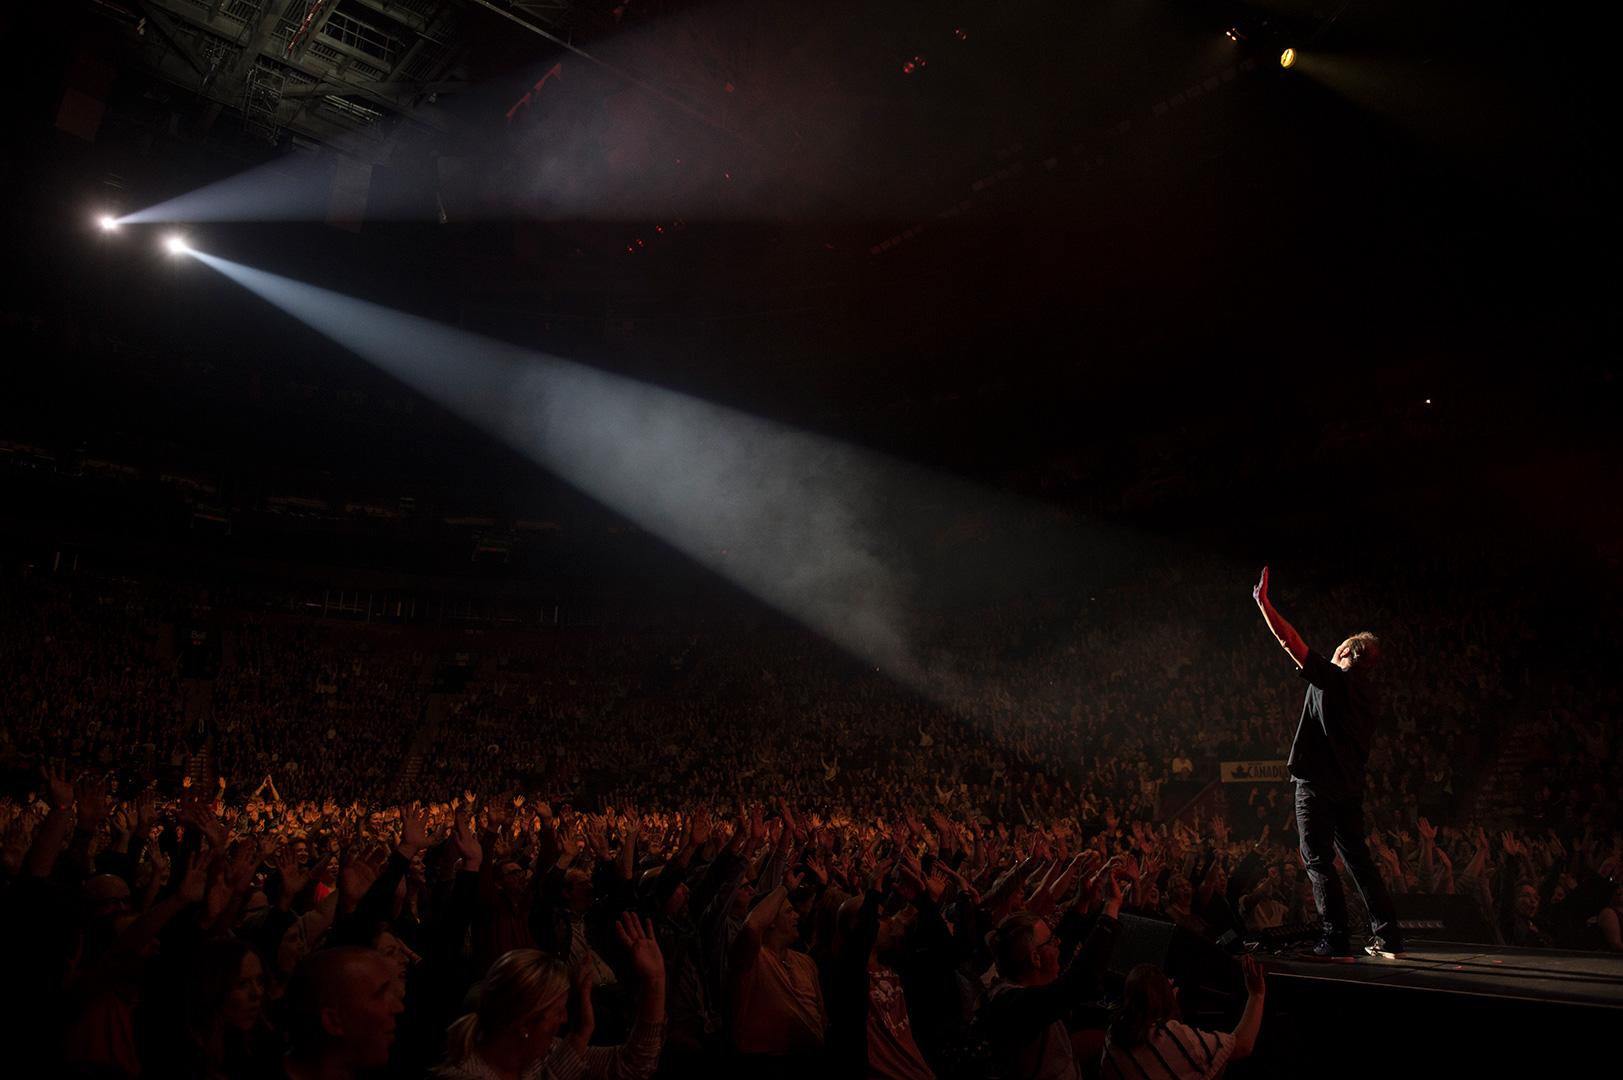 Paul Piché en spectacle durant la tournée *40 printemps*